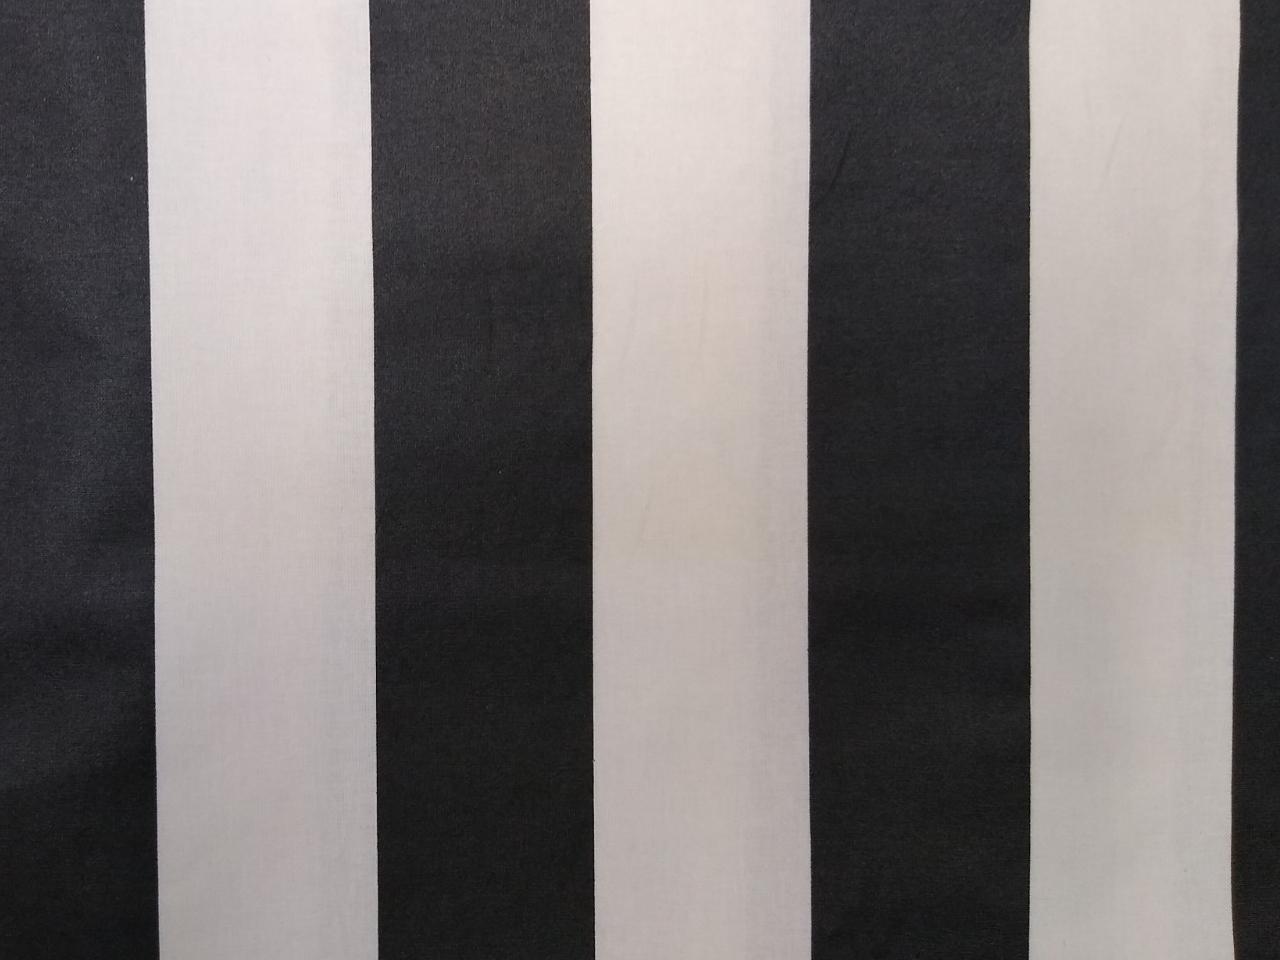 laminierte Baumwolle Blockstreifen schwarz weiß, 140cm breit, uni 0.5m 10.00€